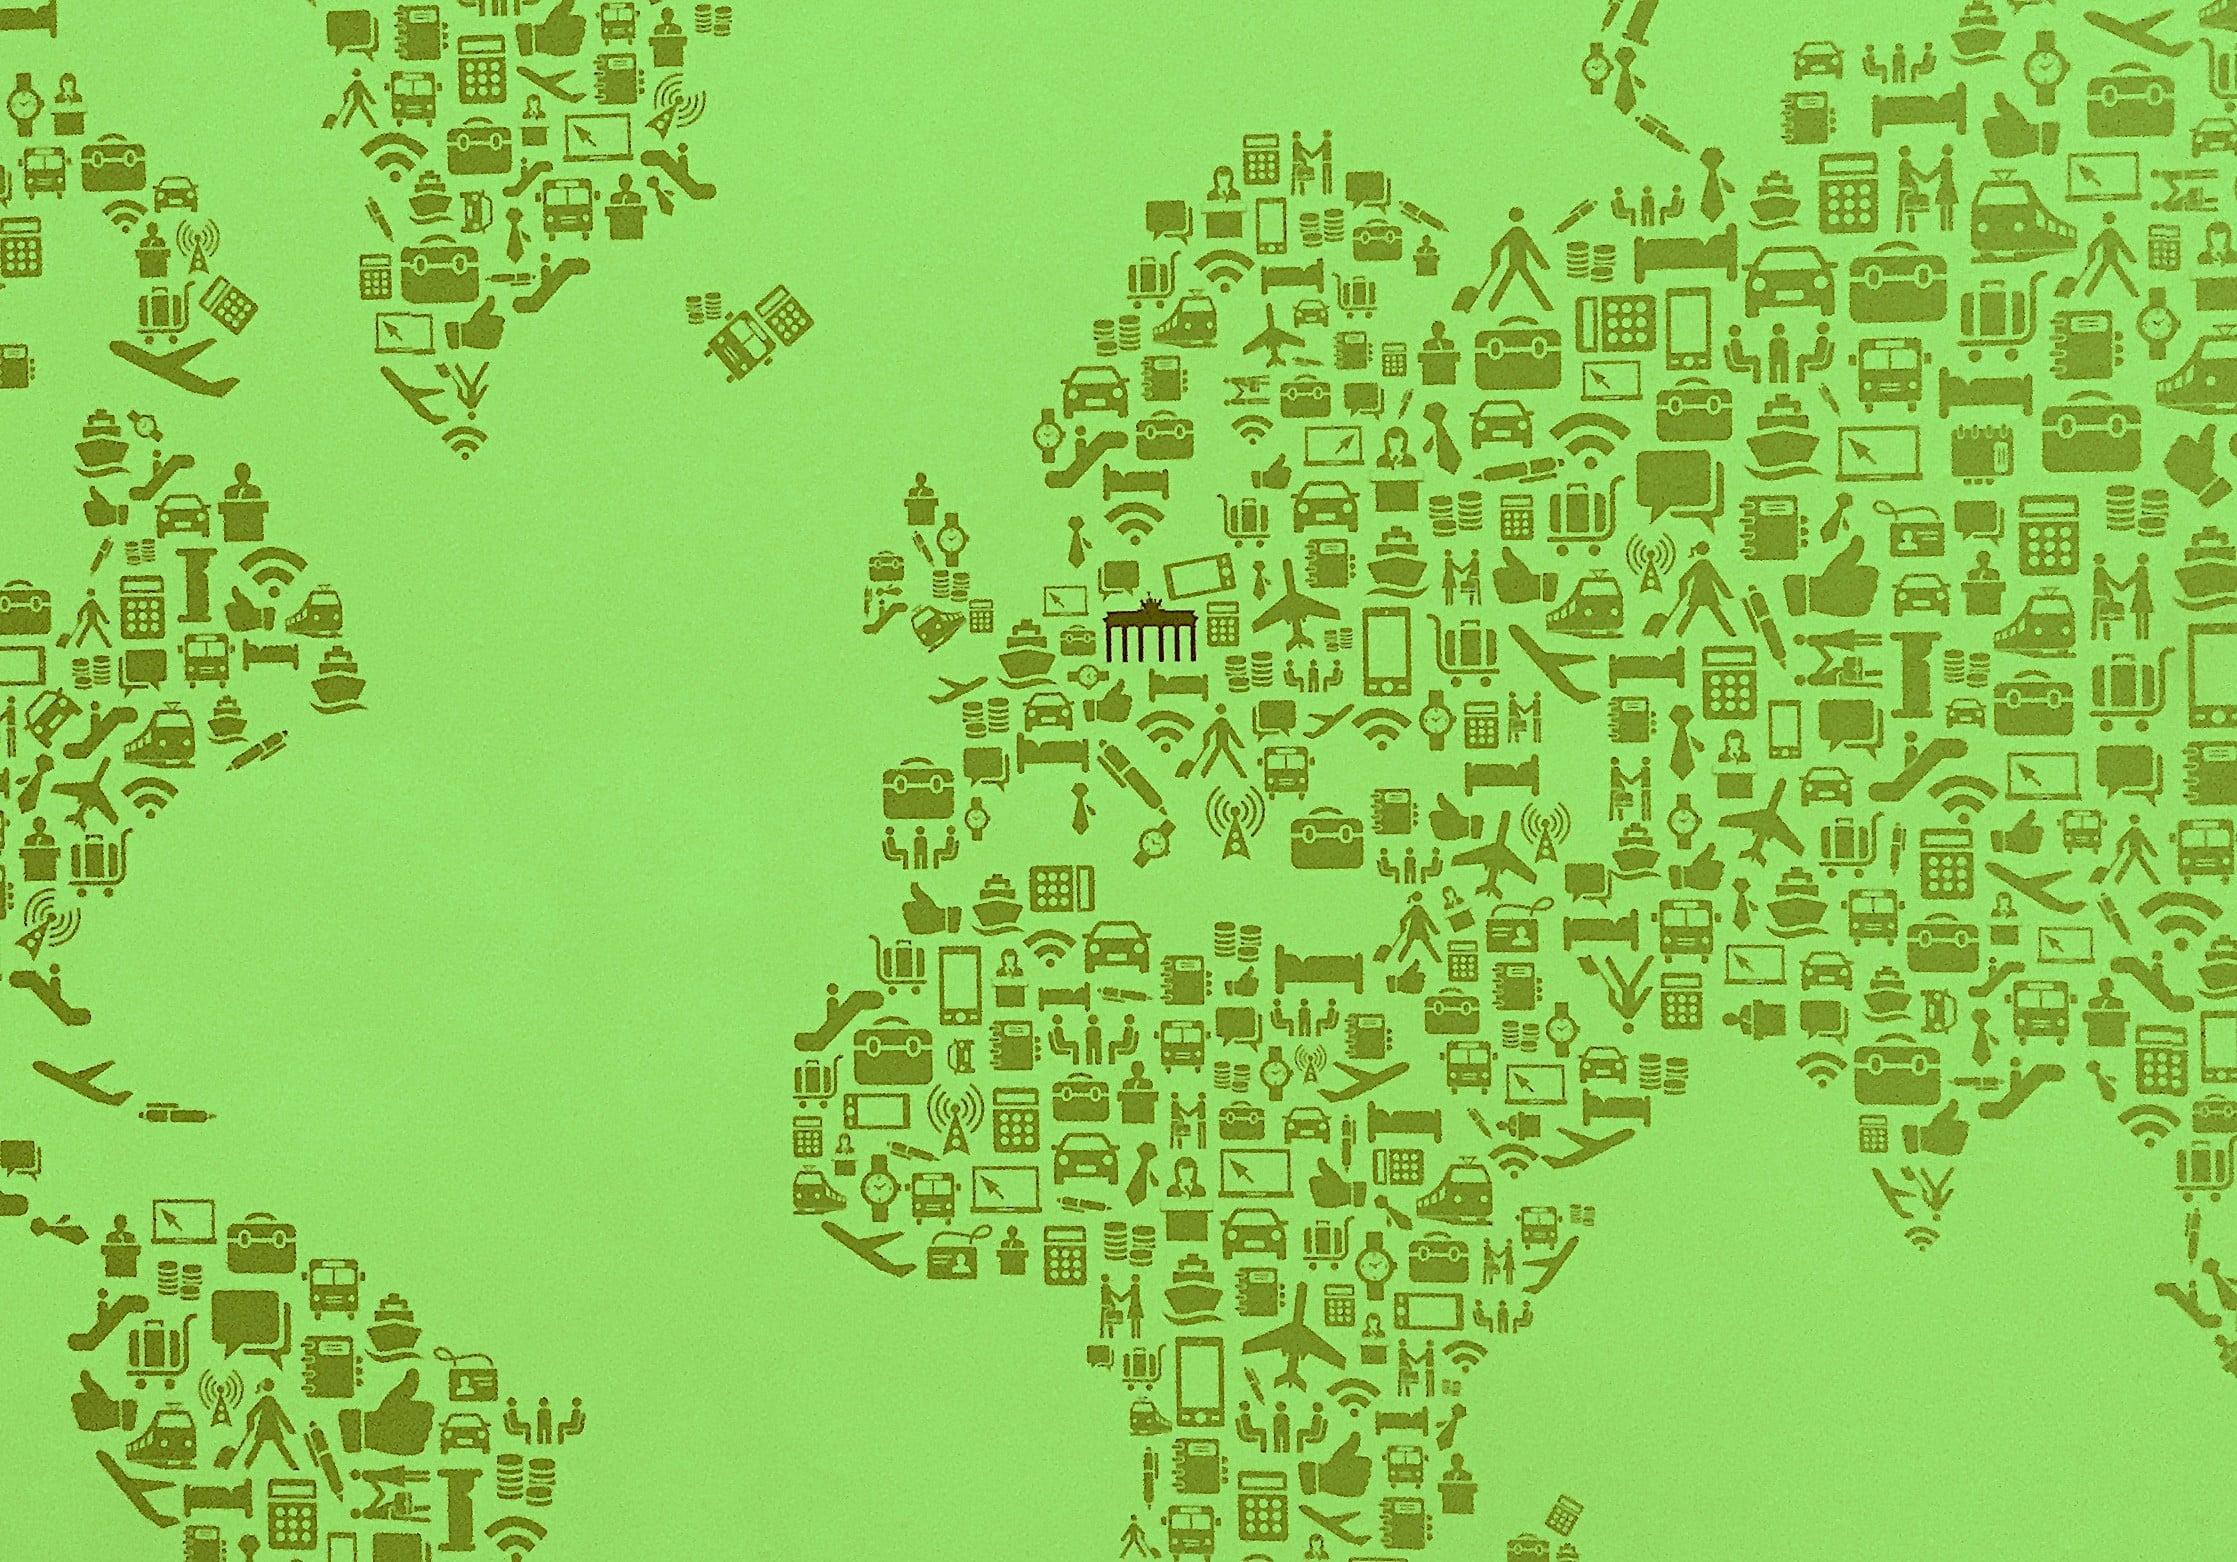 Nachhaltiger Tourismus steht im Fokus der diesjährigen ITB in Berlin. Fotomontage: Sven Oliver Rüsche.